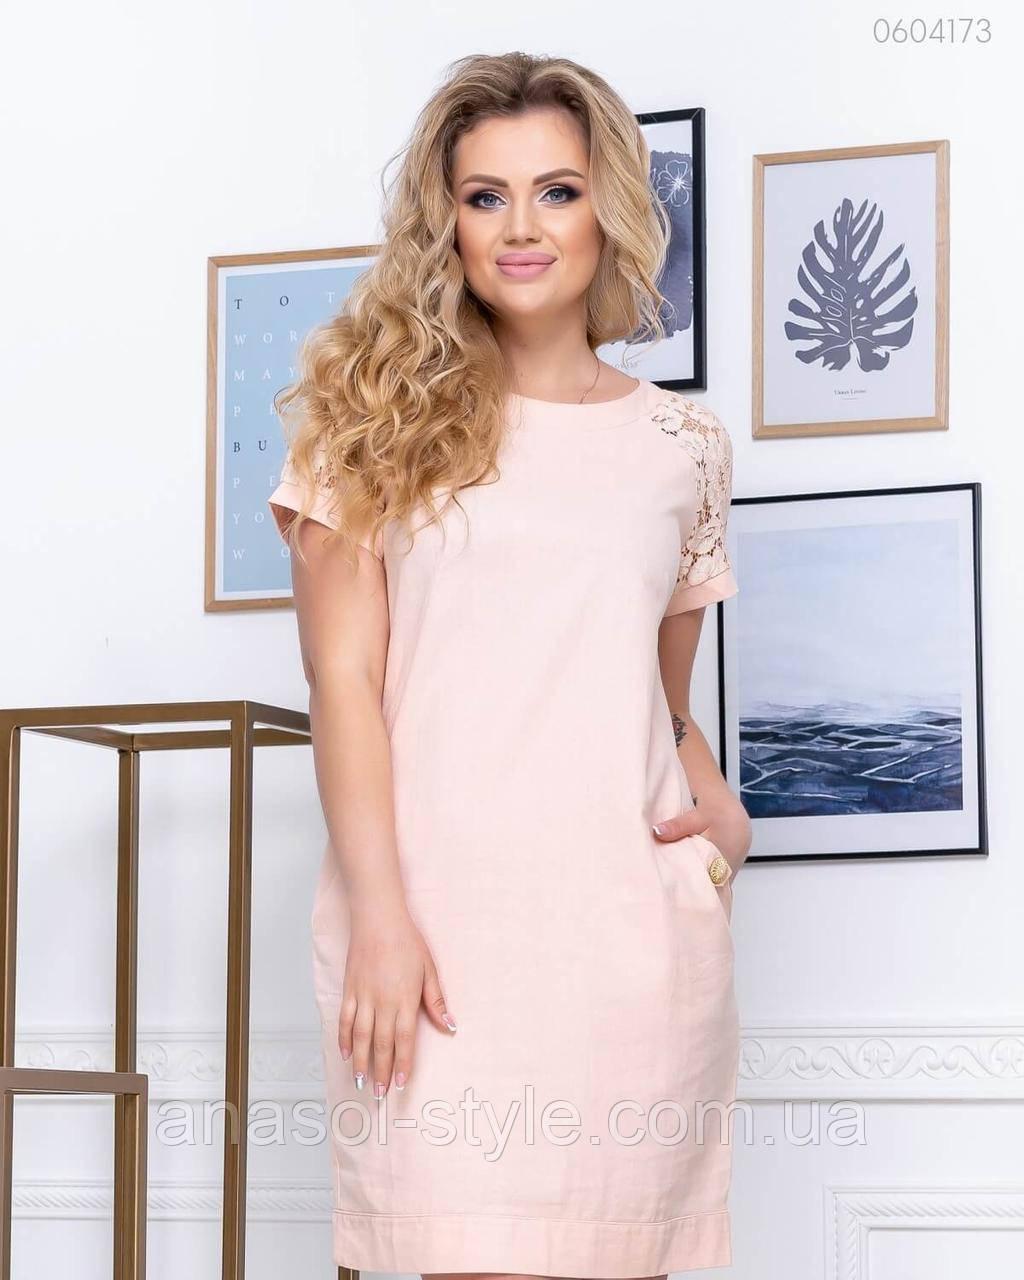 Платье Измир больших размеров короткое пудра